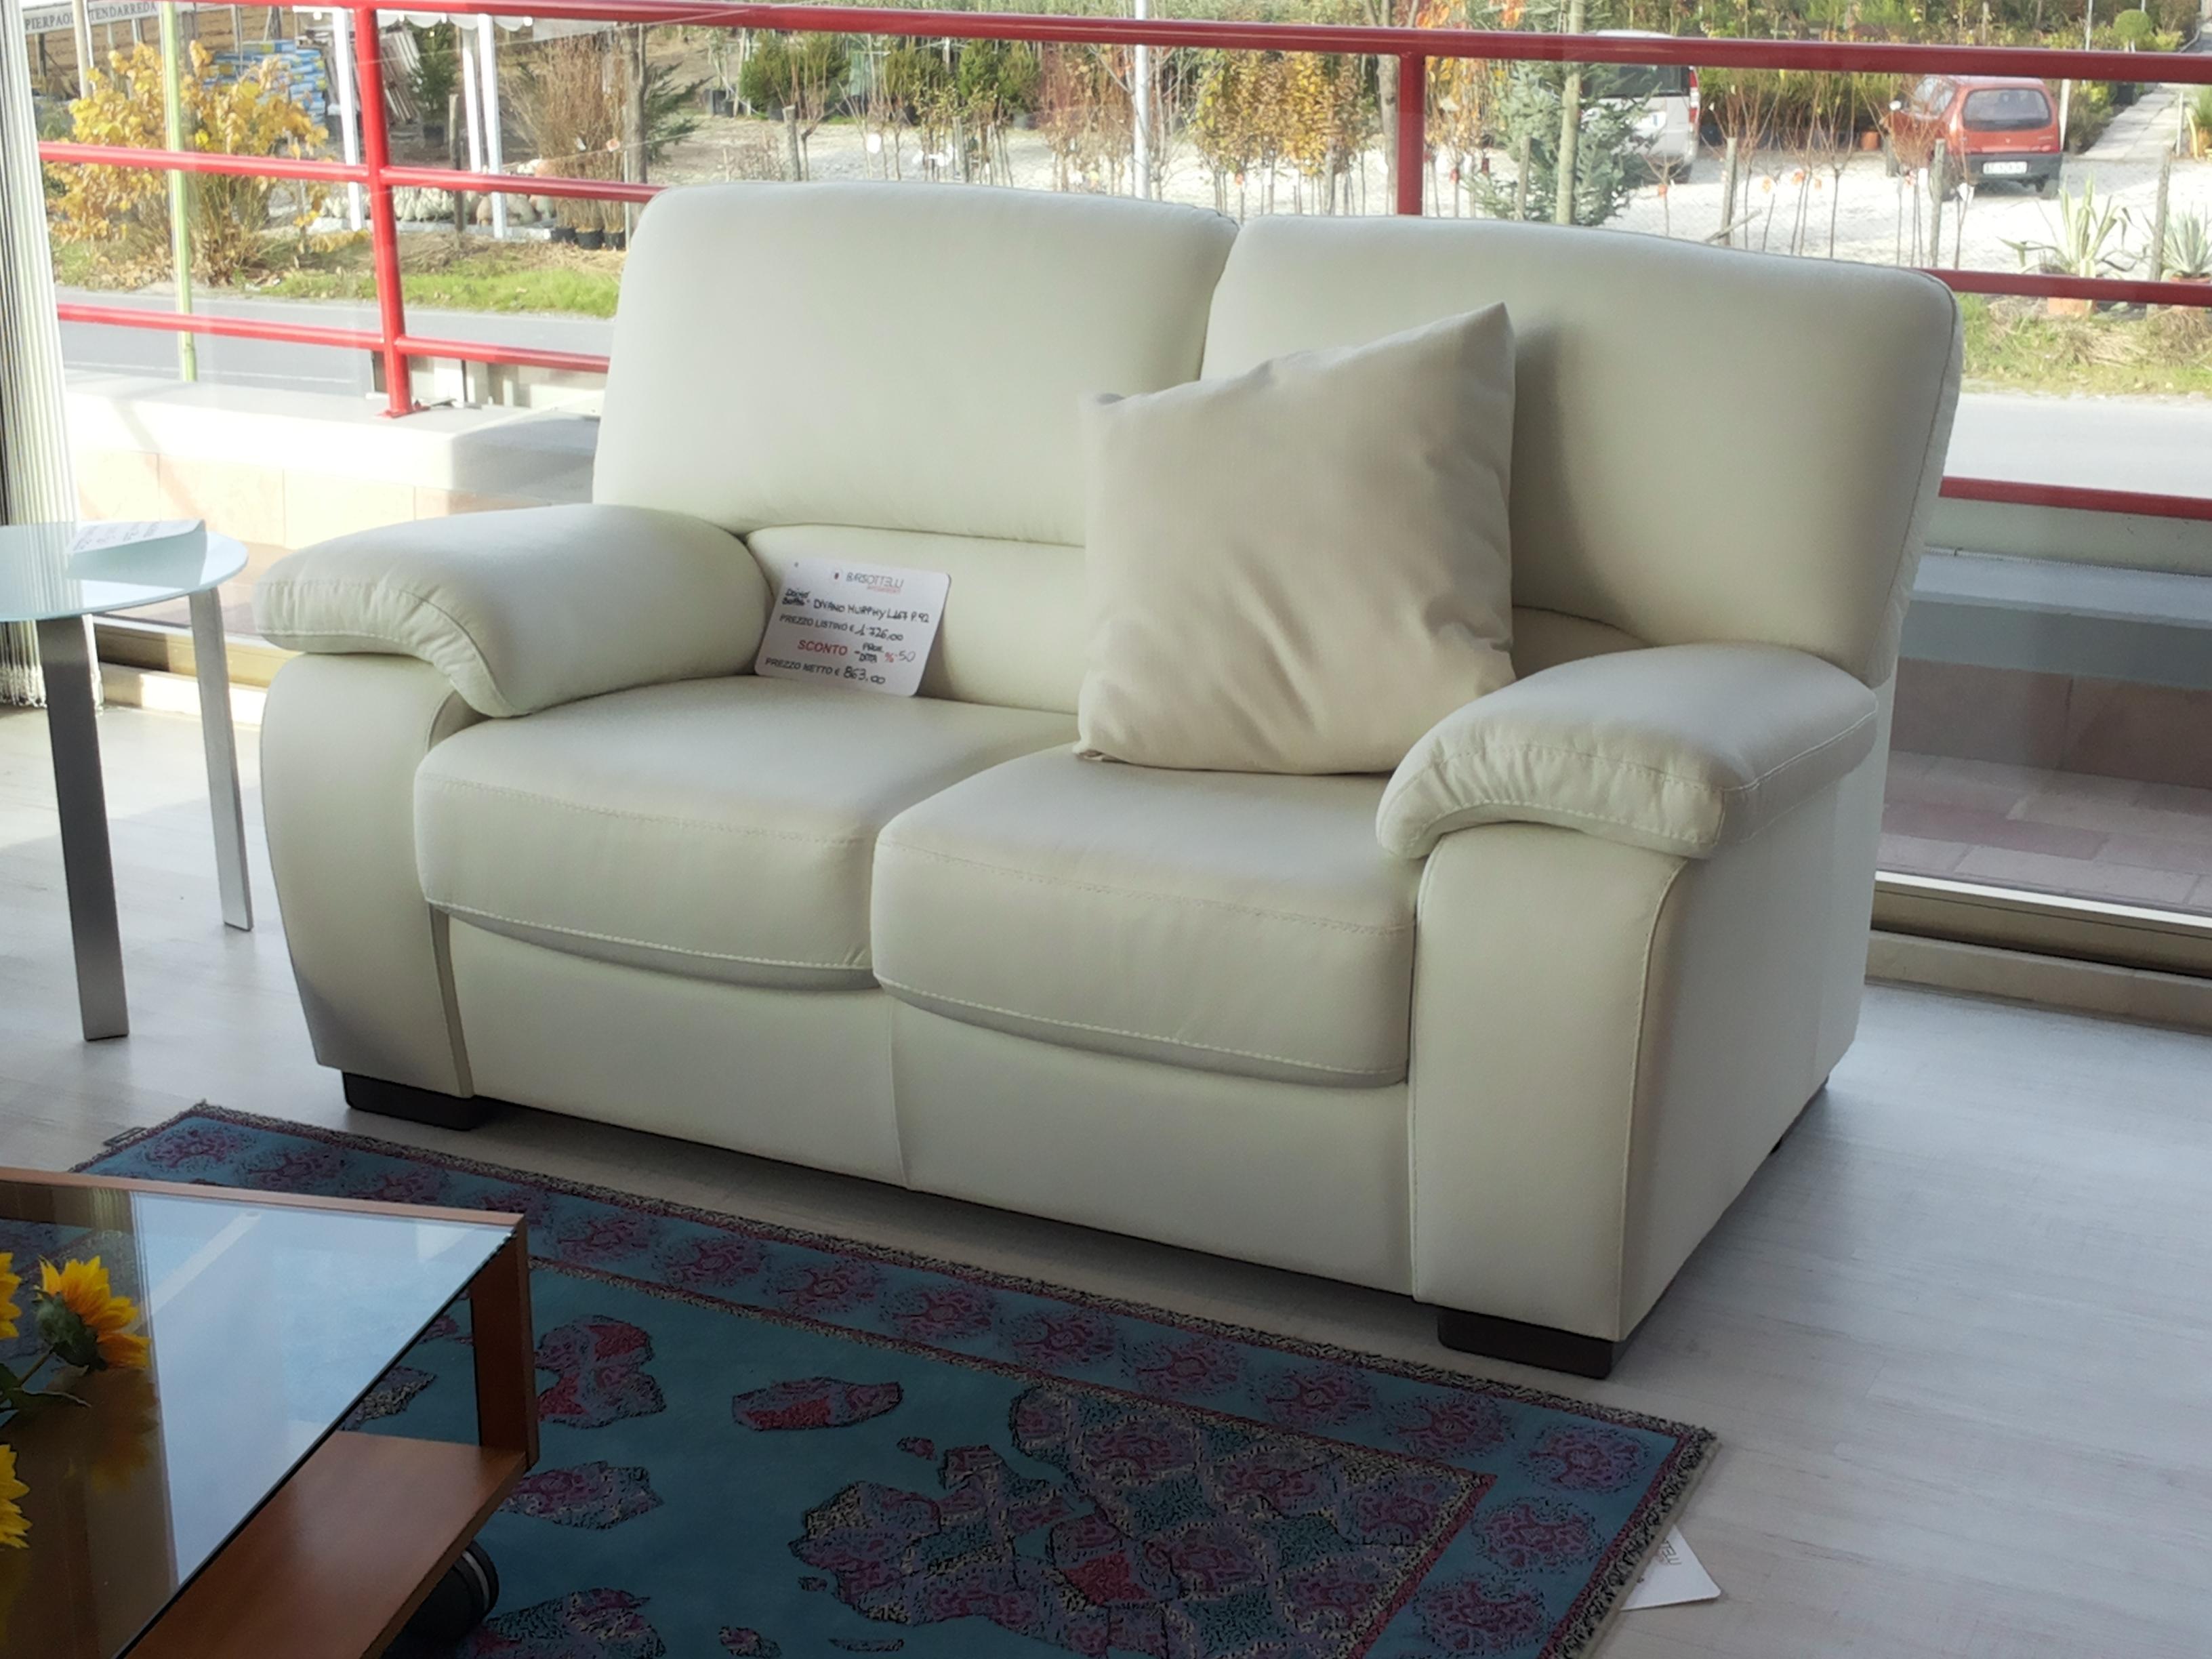 Divano doimo sofas offerta 14394 divani a prezzi scontati - Divani grancasa prezzi ...